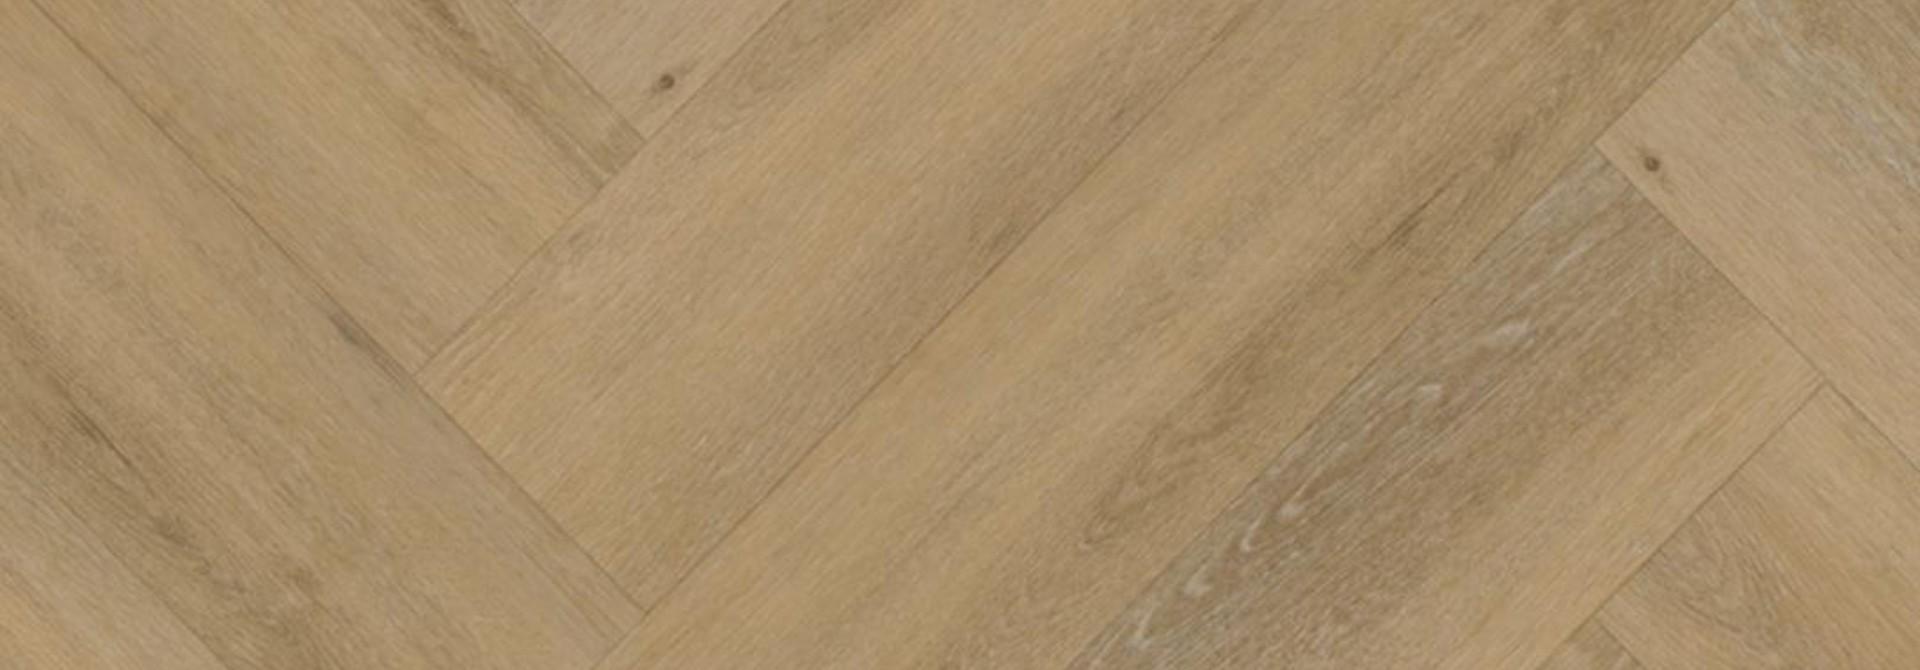 Belakos PVC Attico visgraat XL